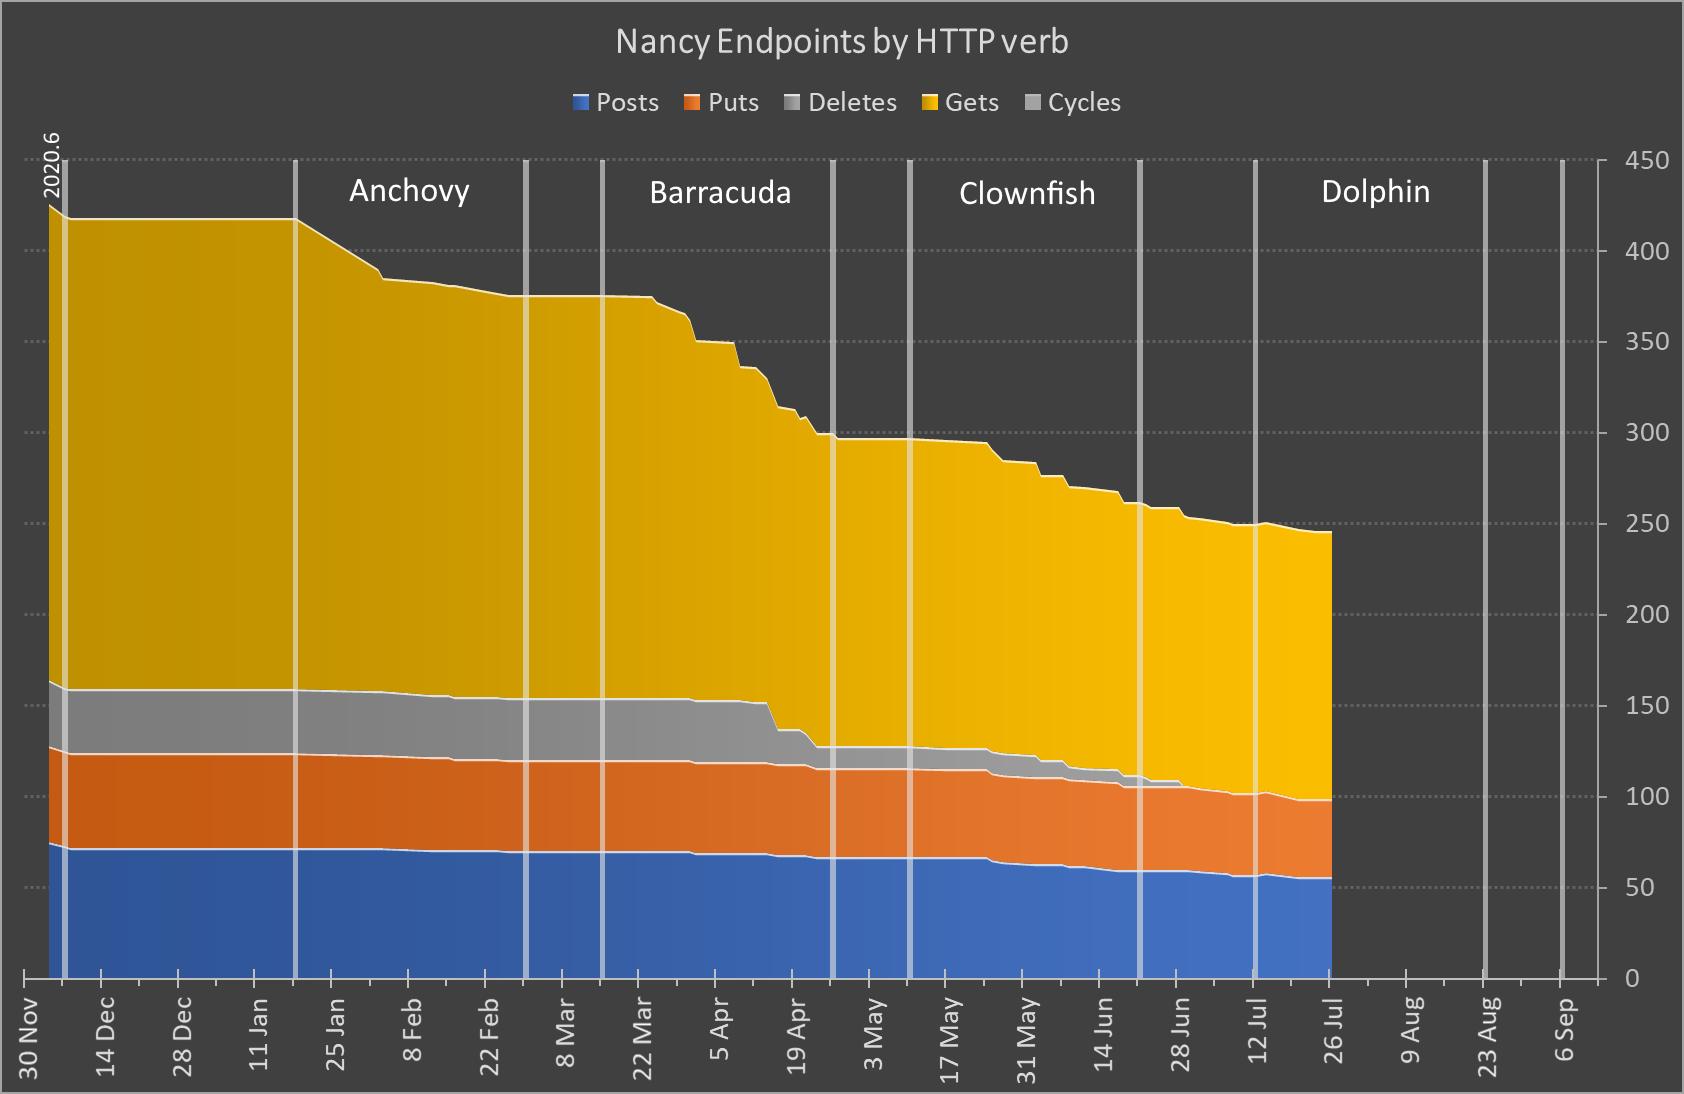 NancyEndpoints burndown chart